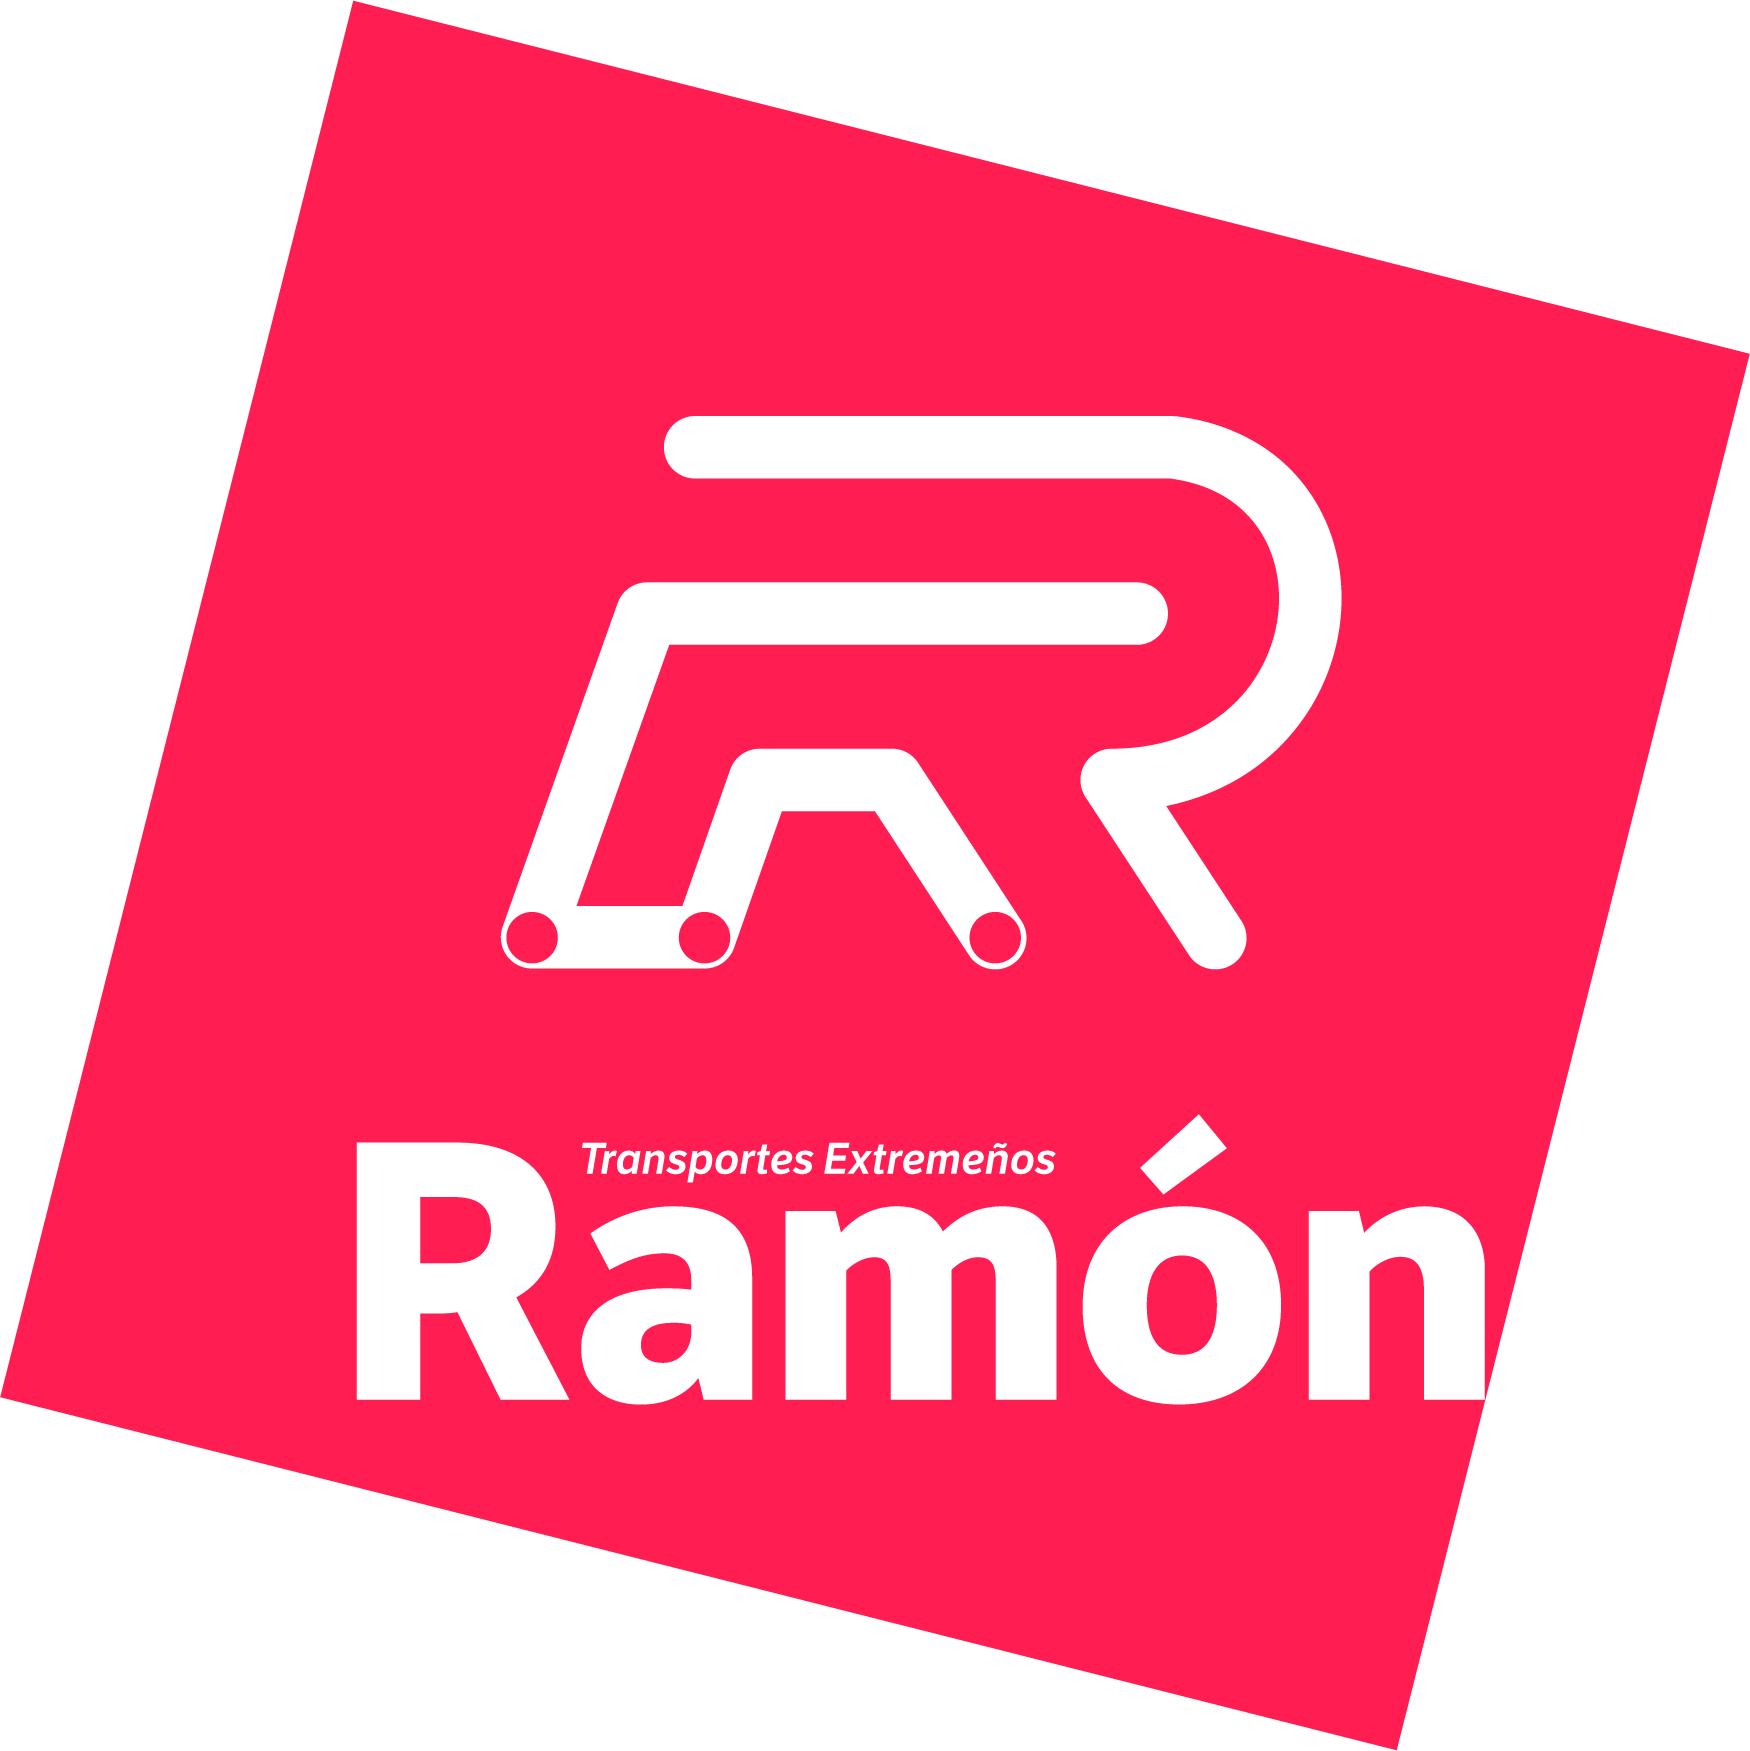 Transportes Extremeños Ramón, S.L. Badajoz